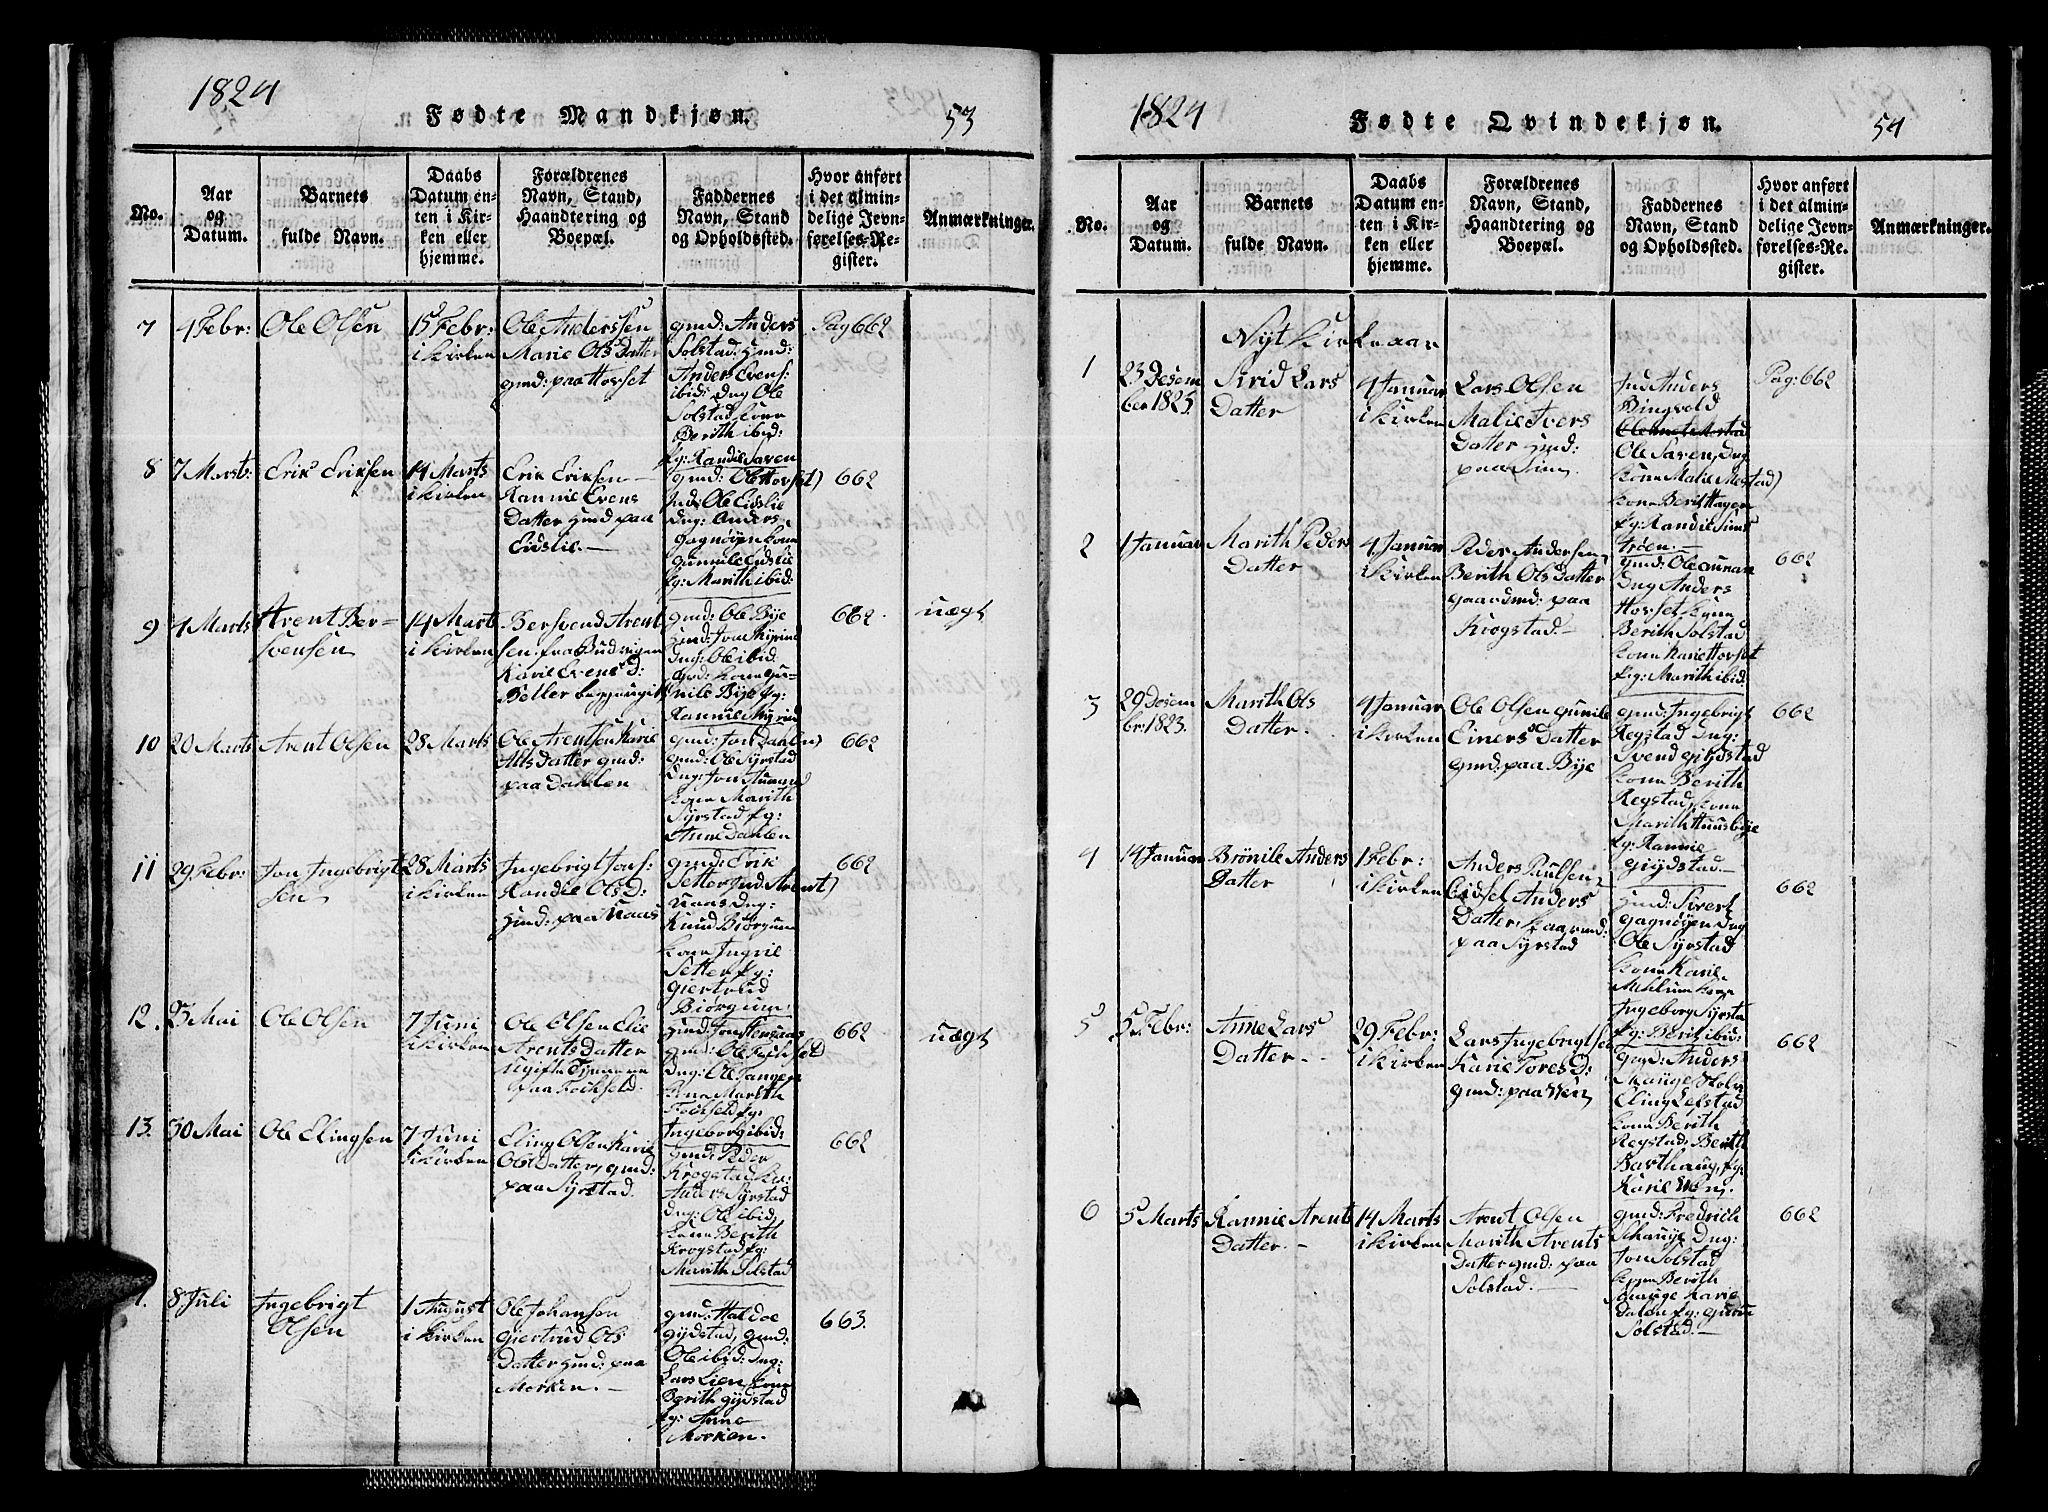 SAT, Ministerialprotokoller, klokkerbøker og fødselsregistre - Sør-Trøndelag, 667/L0796: Klokkerbok nr. 667C01, 1817-1836, s. 53-54